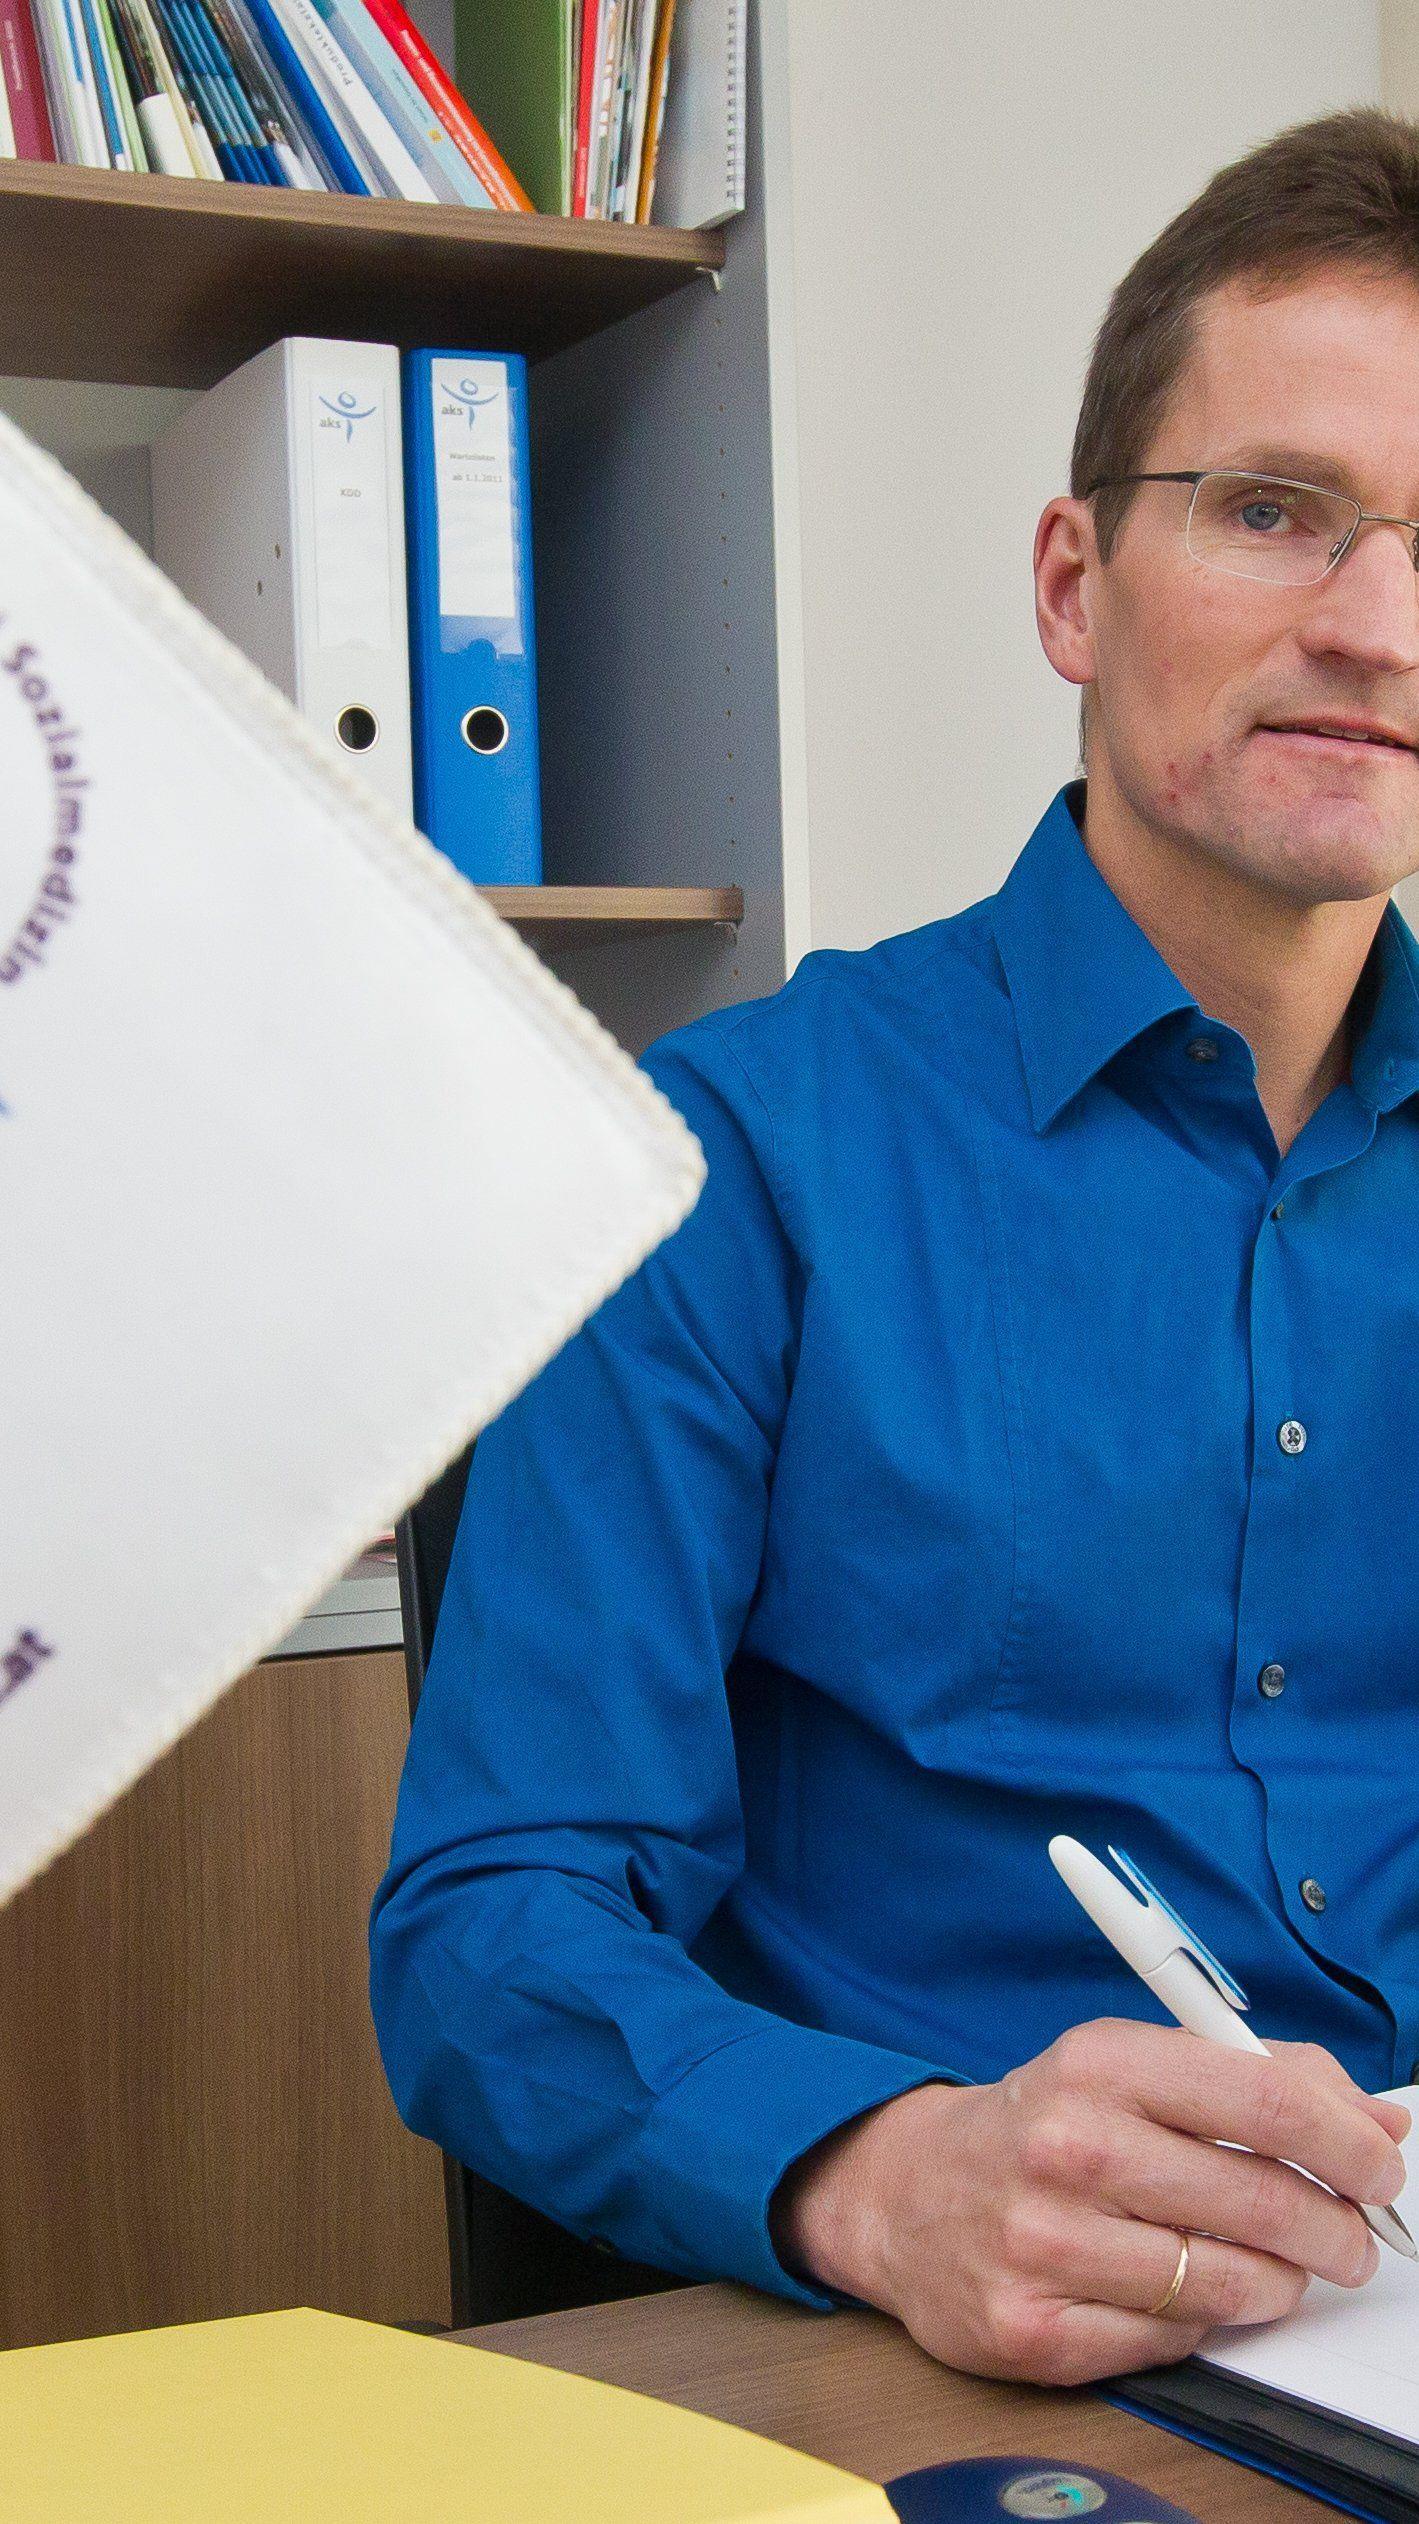 Wechsel in der Geschäftsführung der aks gesundheit: Auf Bernd Klisch (im Bild) folgt Georg Posch.